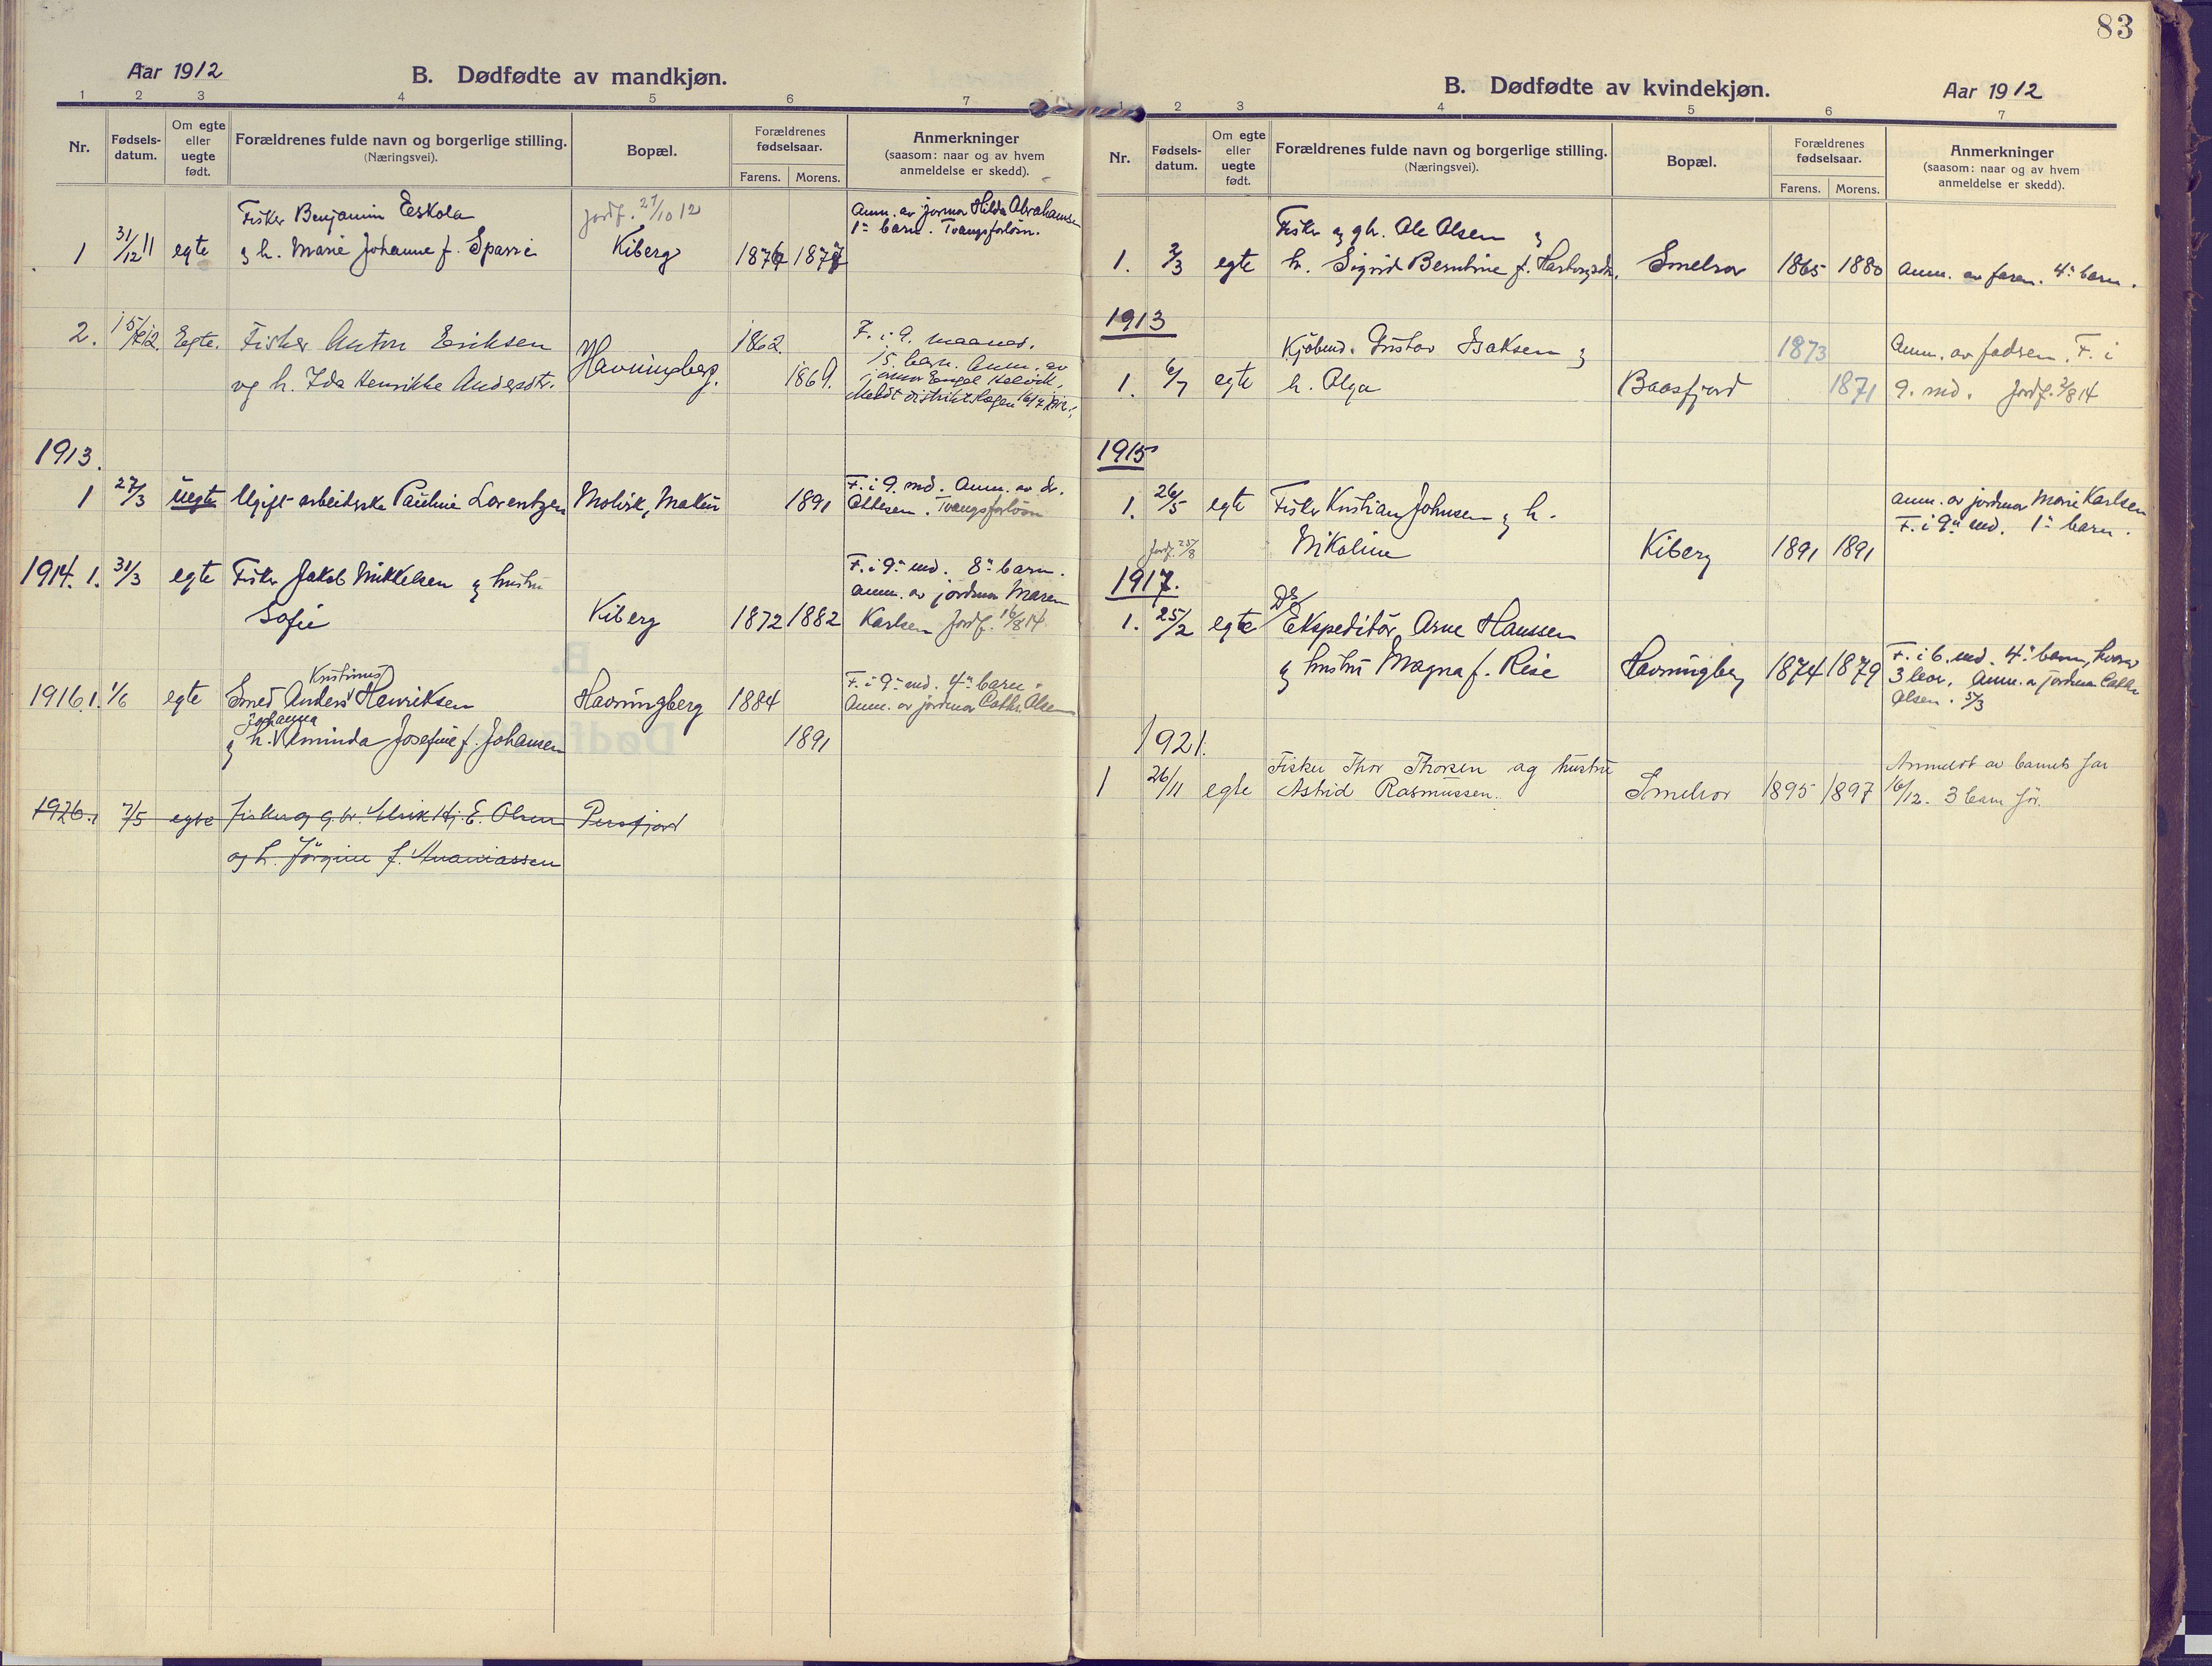 SATØ, Vardø sokneprestkontor, H/Ha/L0013kirke: Ministerialbok nr. 13, 1912-1928, s. 83